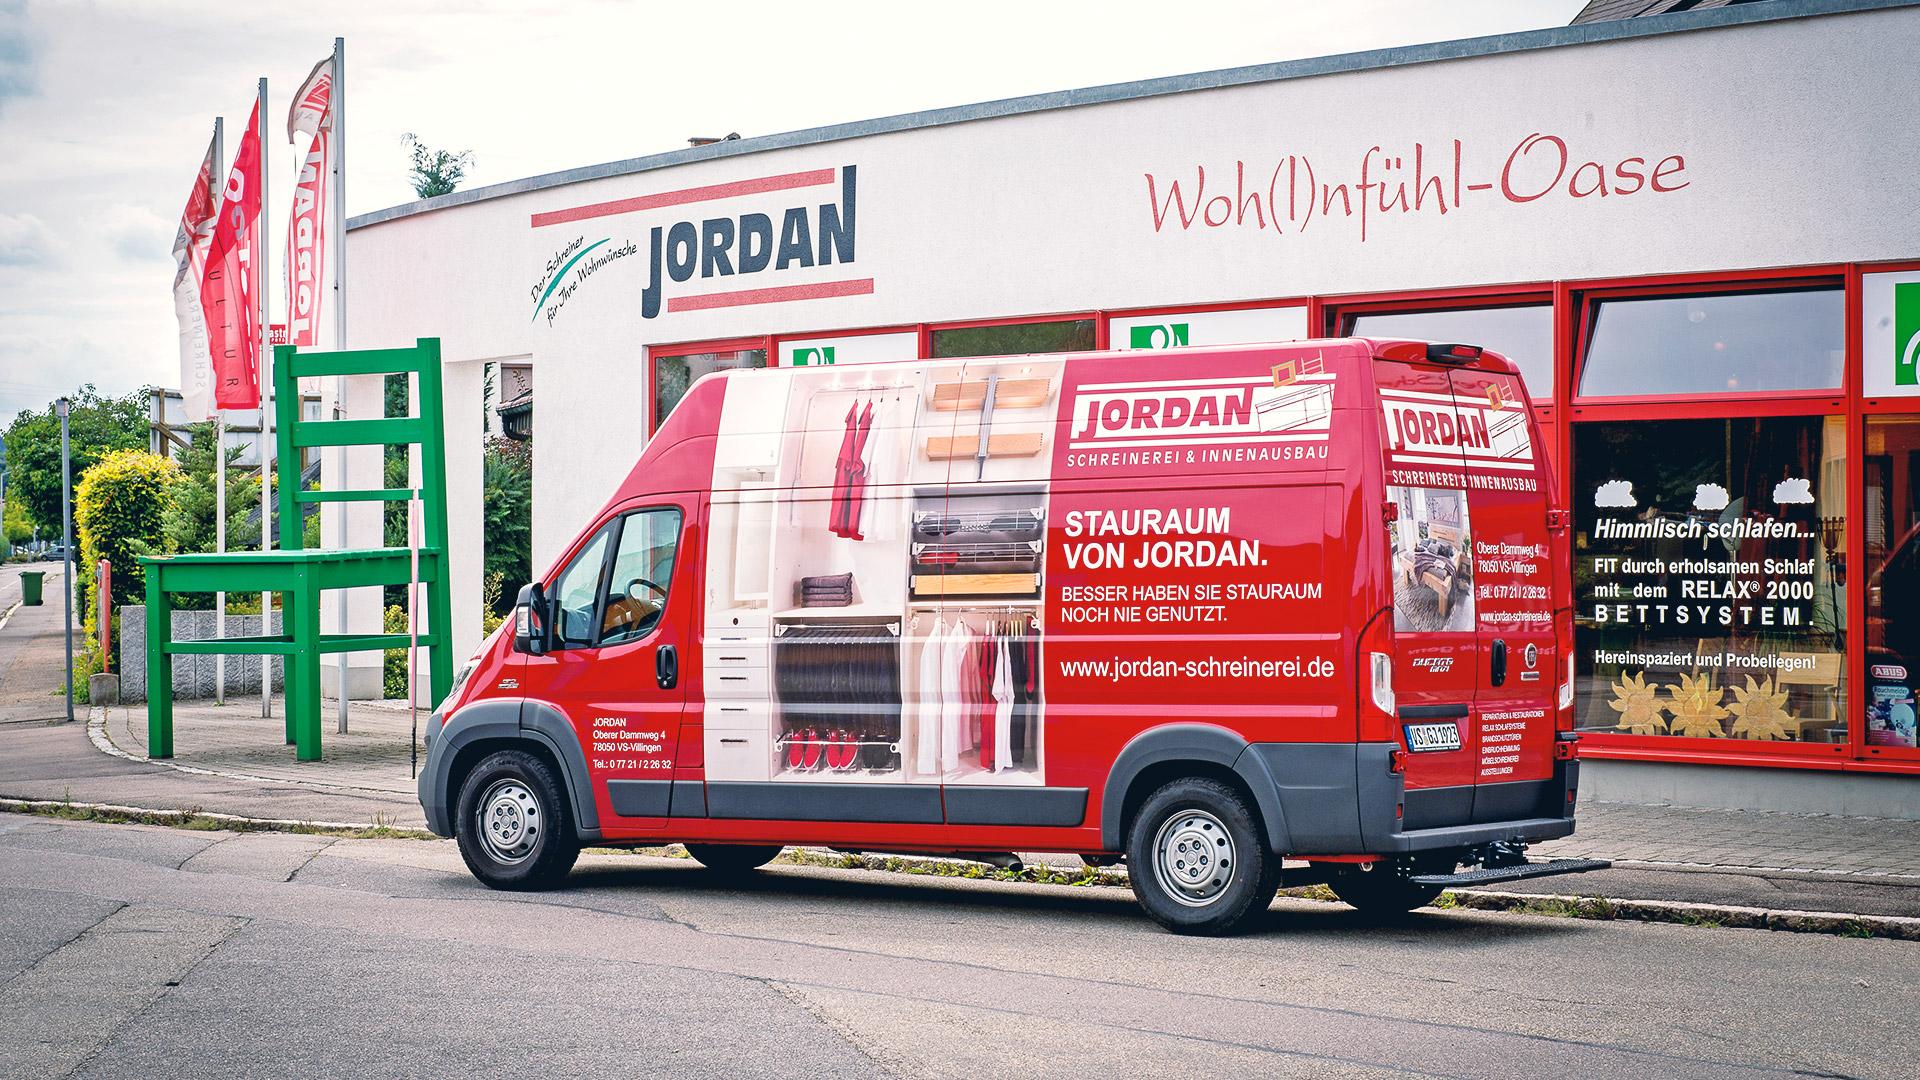 Vielseitige Werbetechnik für die Schreinerei Jordan